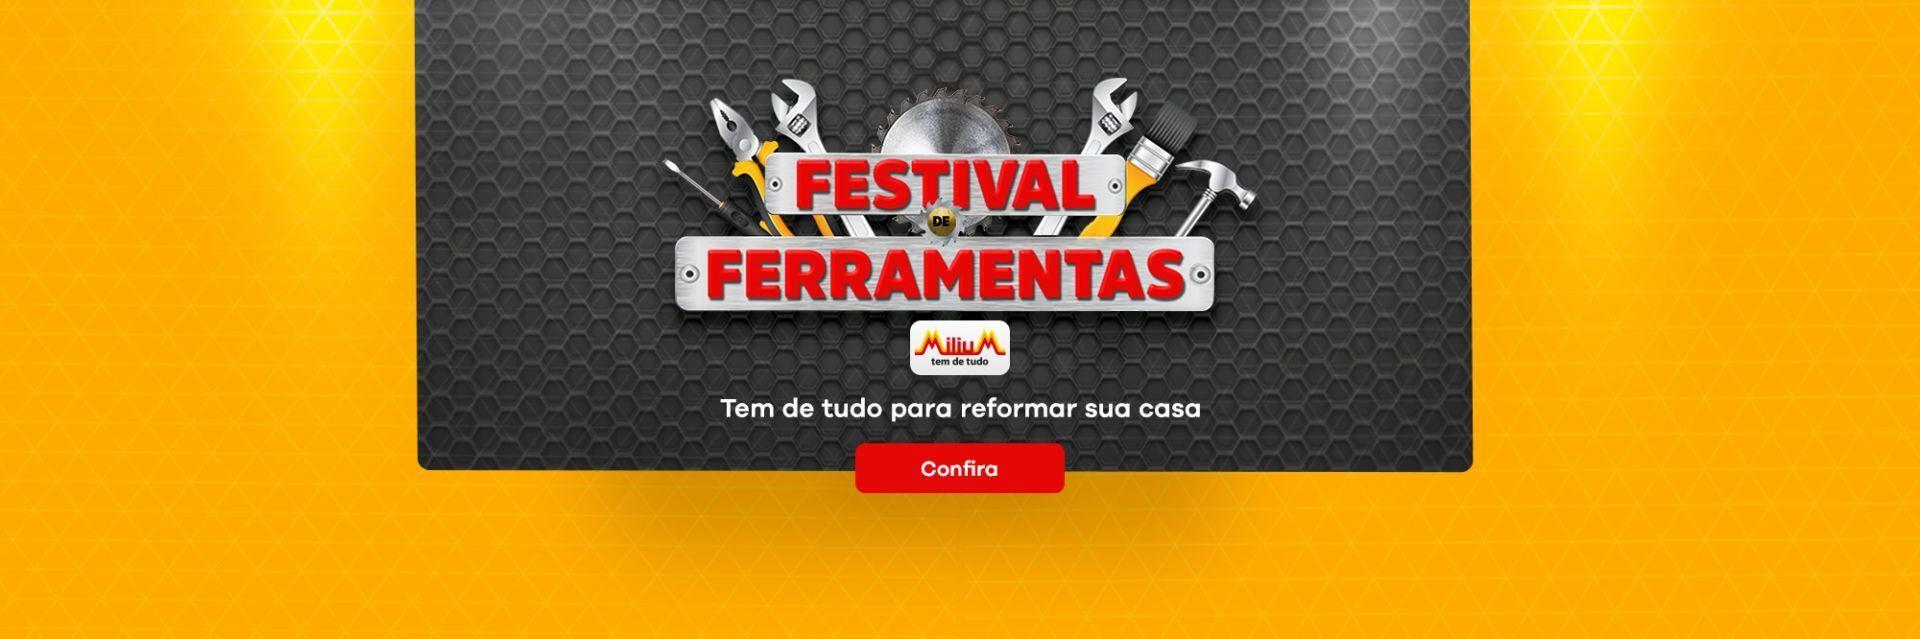 Festival de Ferramentas